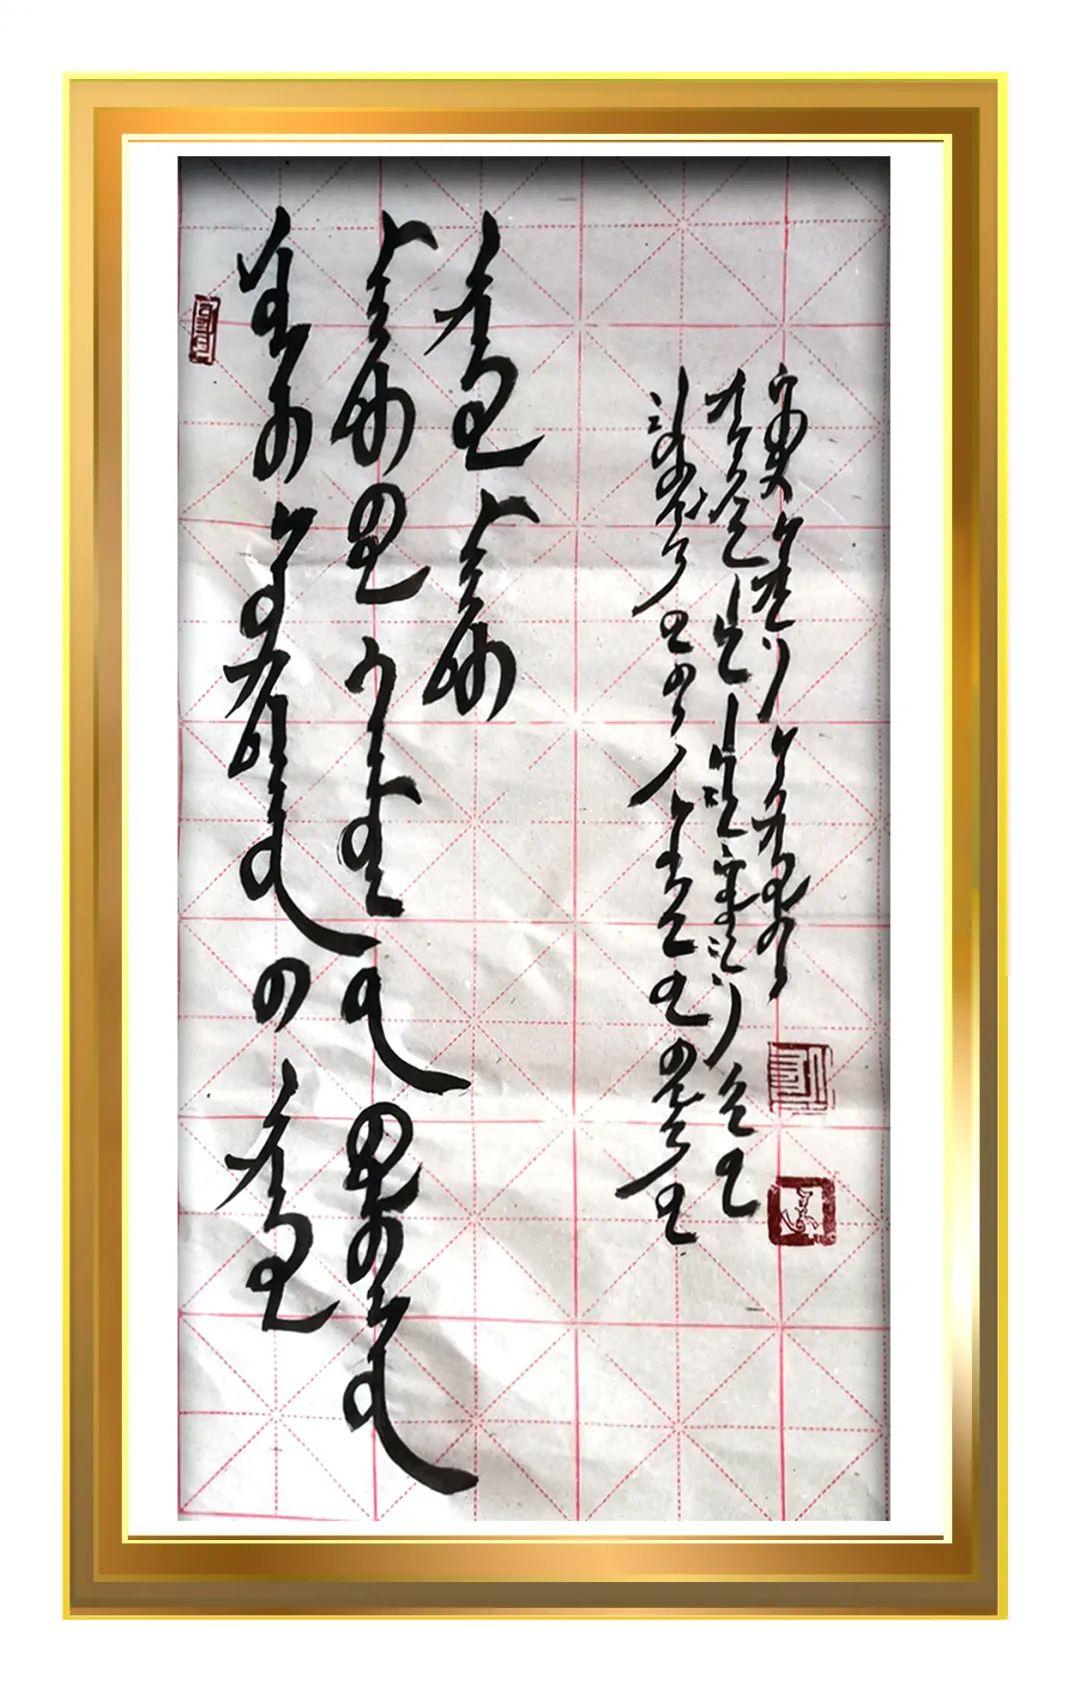 家乡美 | 萨日娜书法作品欣赏 第7张 家乡美 | 萨日娜书法作品欣赏 蒙古书法